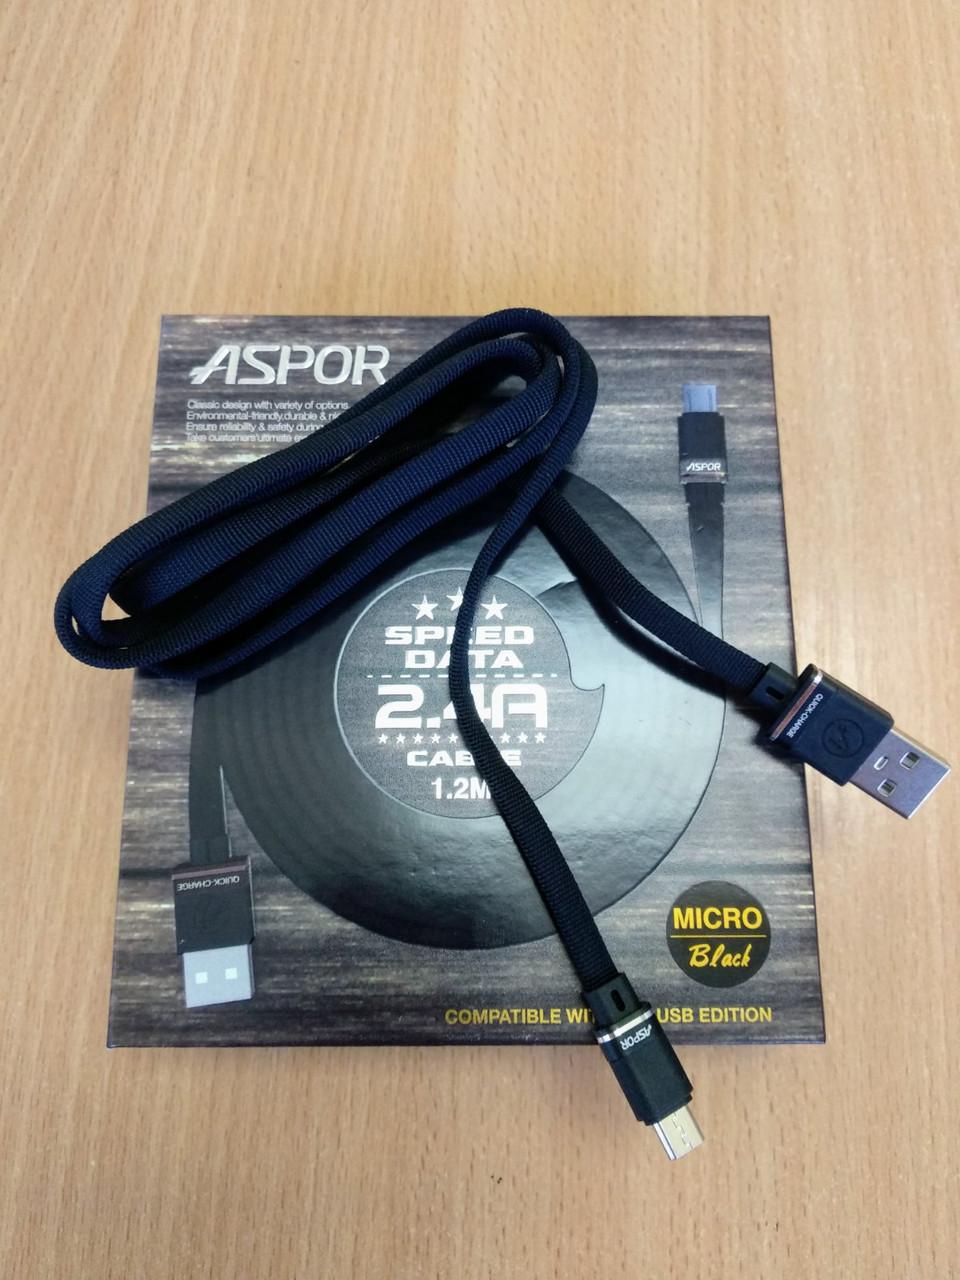 Кабель Usb-cable Micro Usb Aspor A135 2.4A 1.2m orig 100% (плоский, тканевый шнур) Black